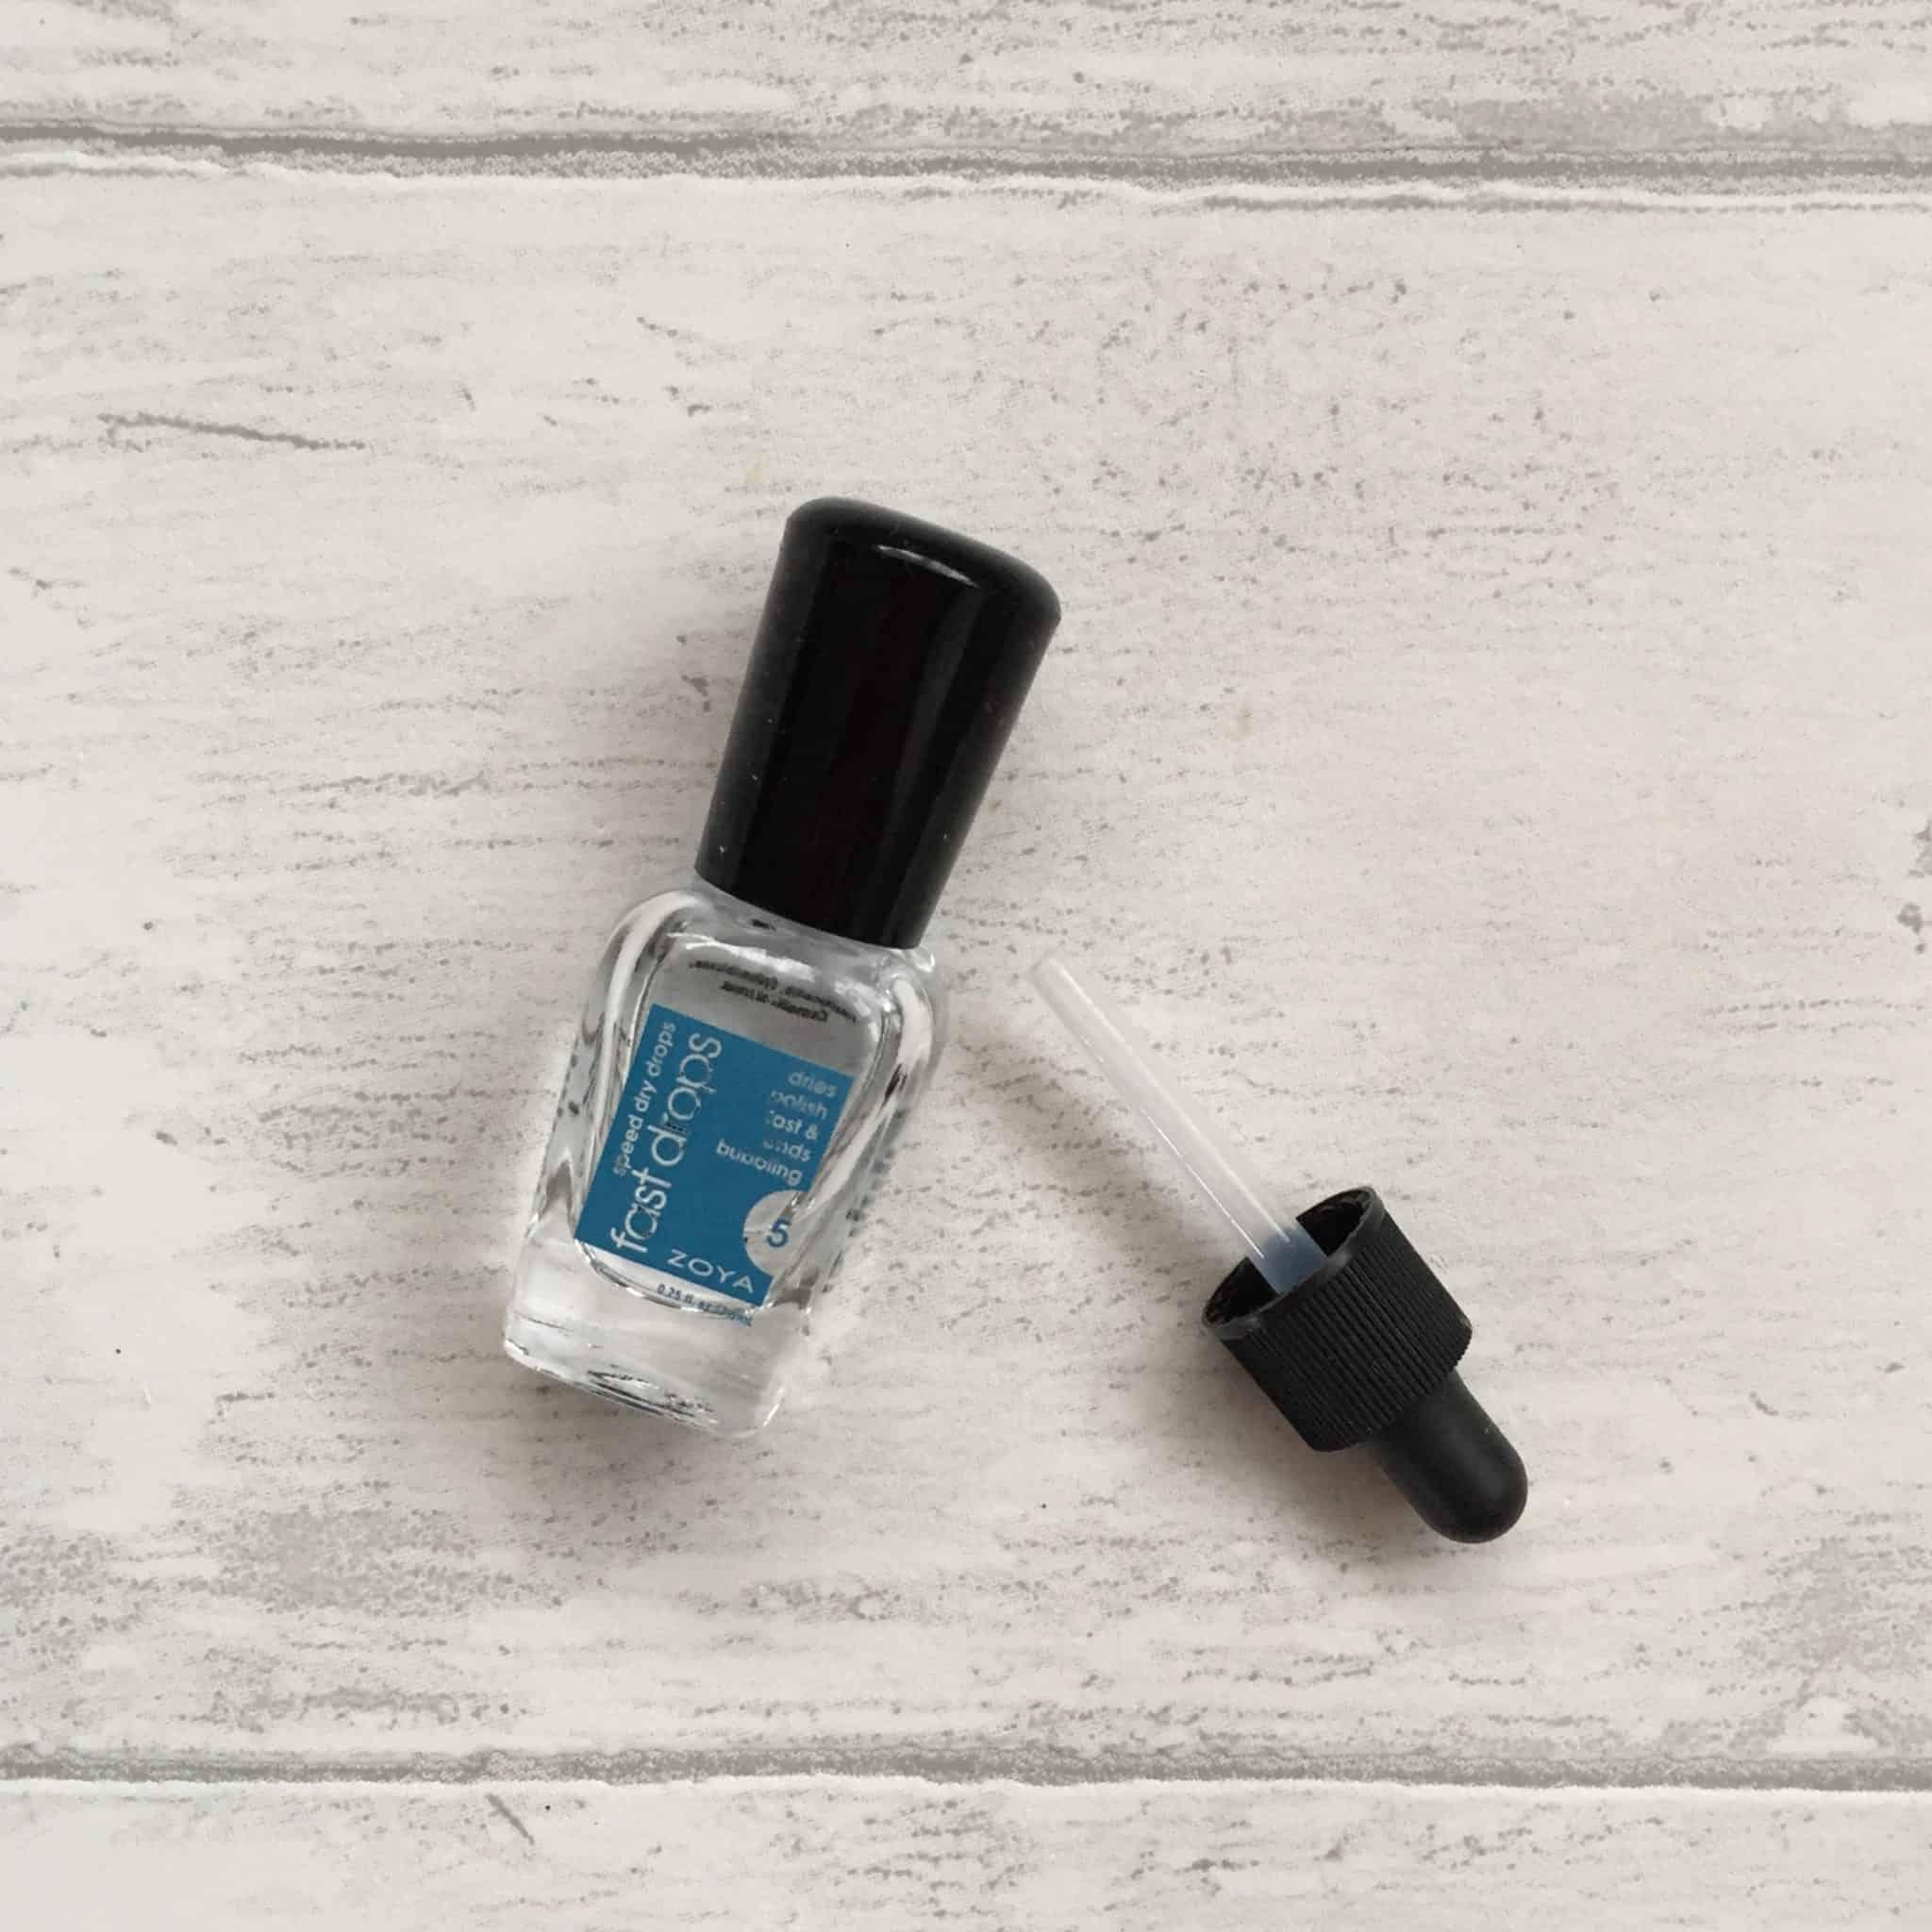 Zoya Natural Nail Polish Speed Dry Drops